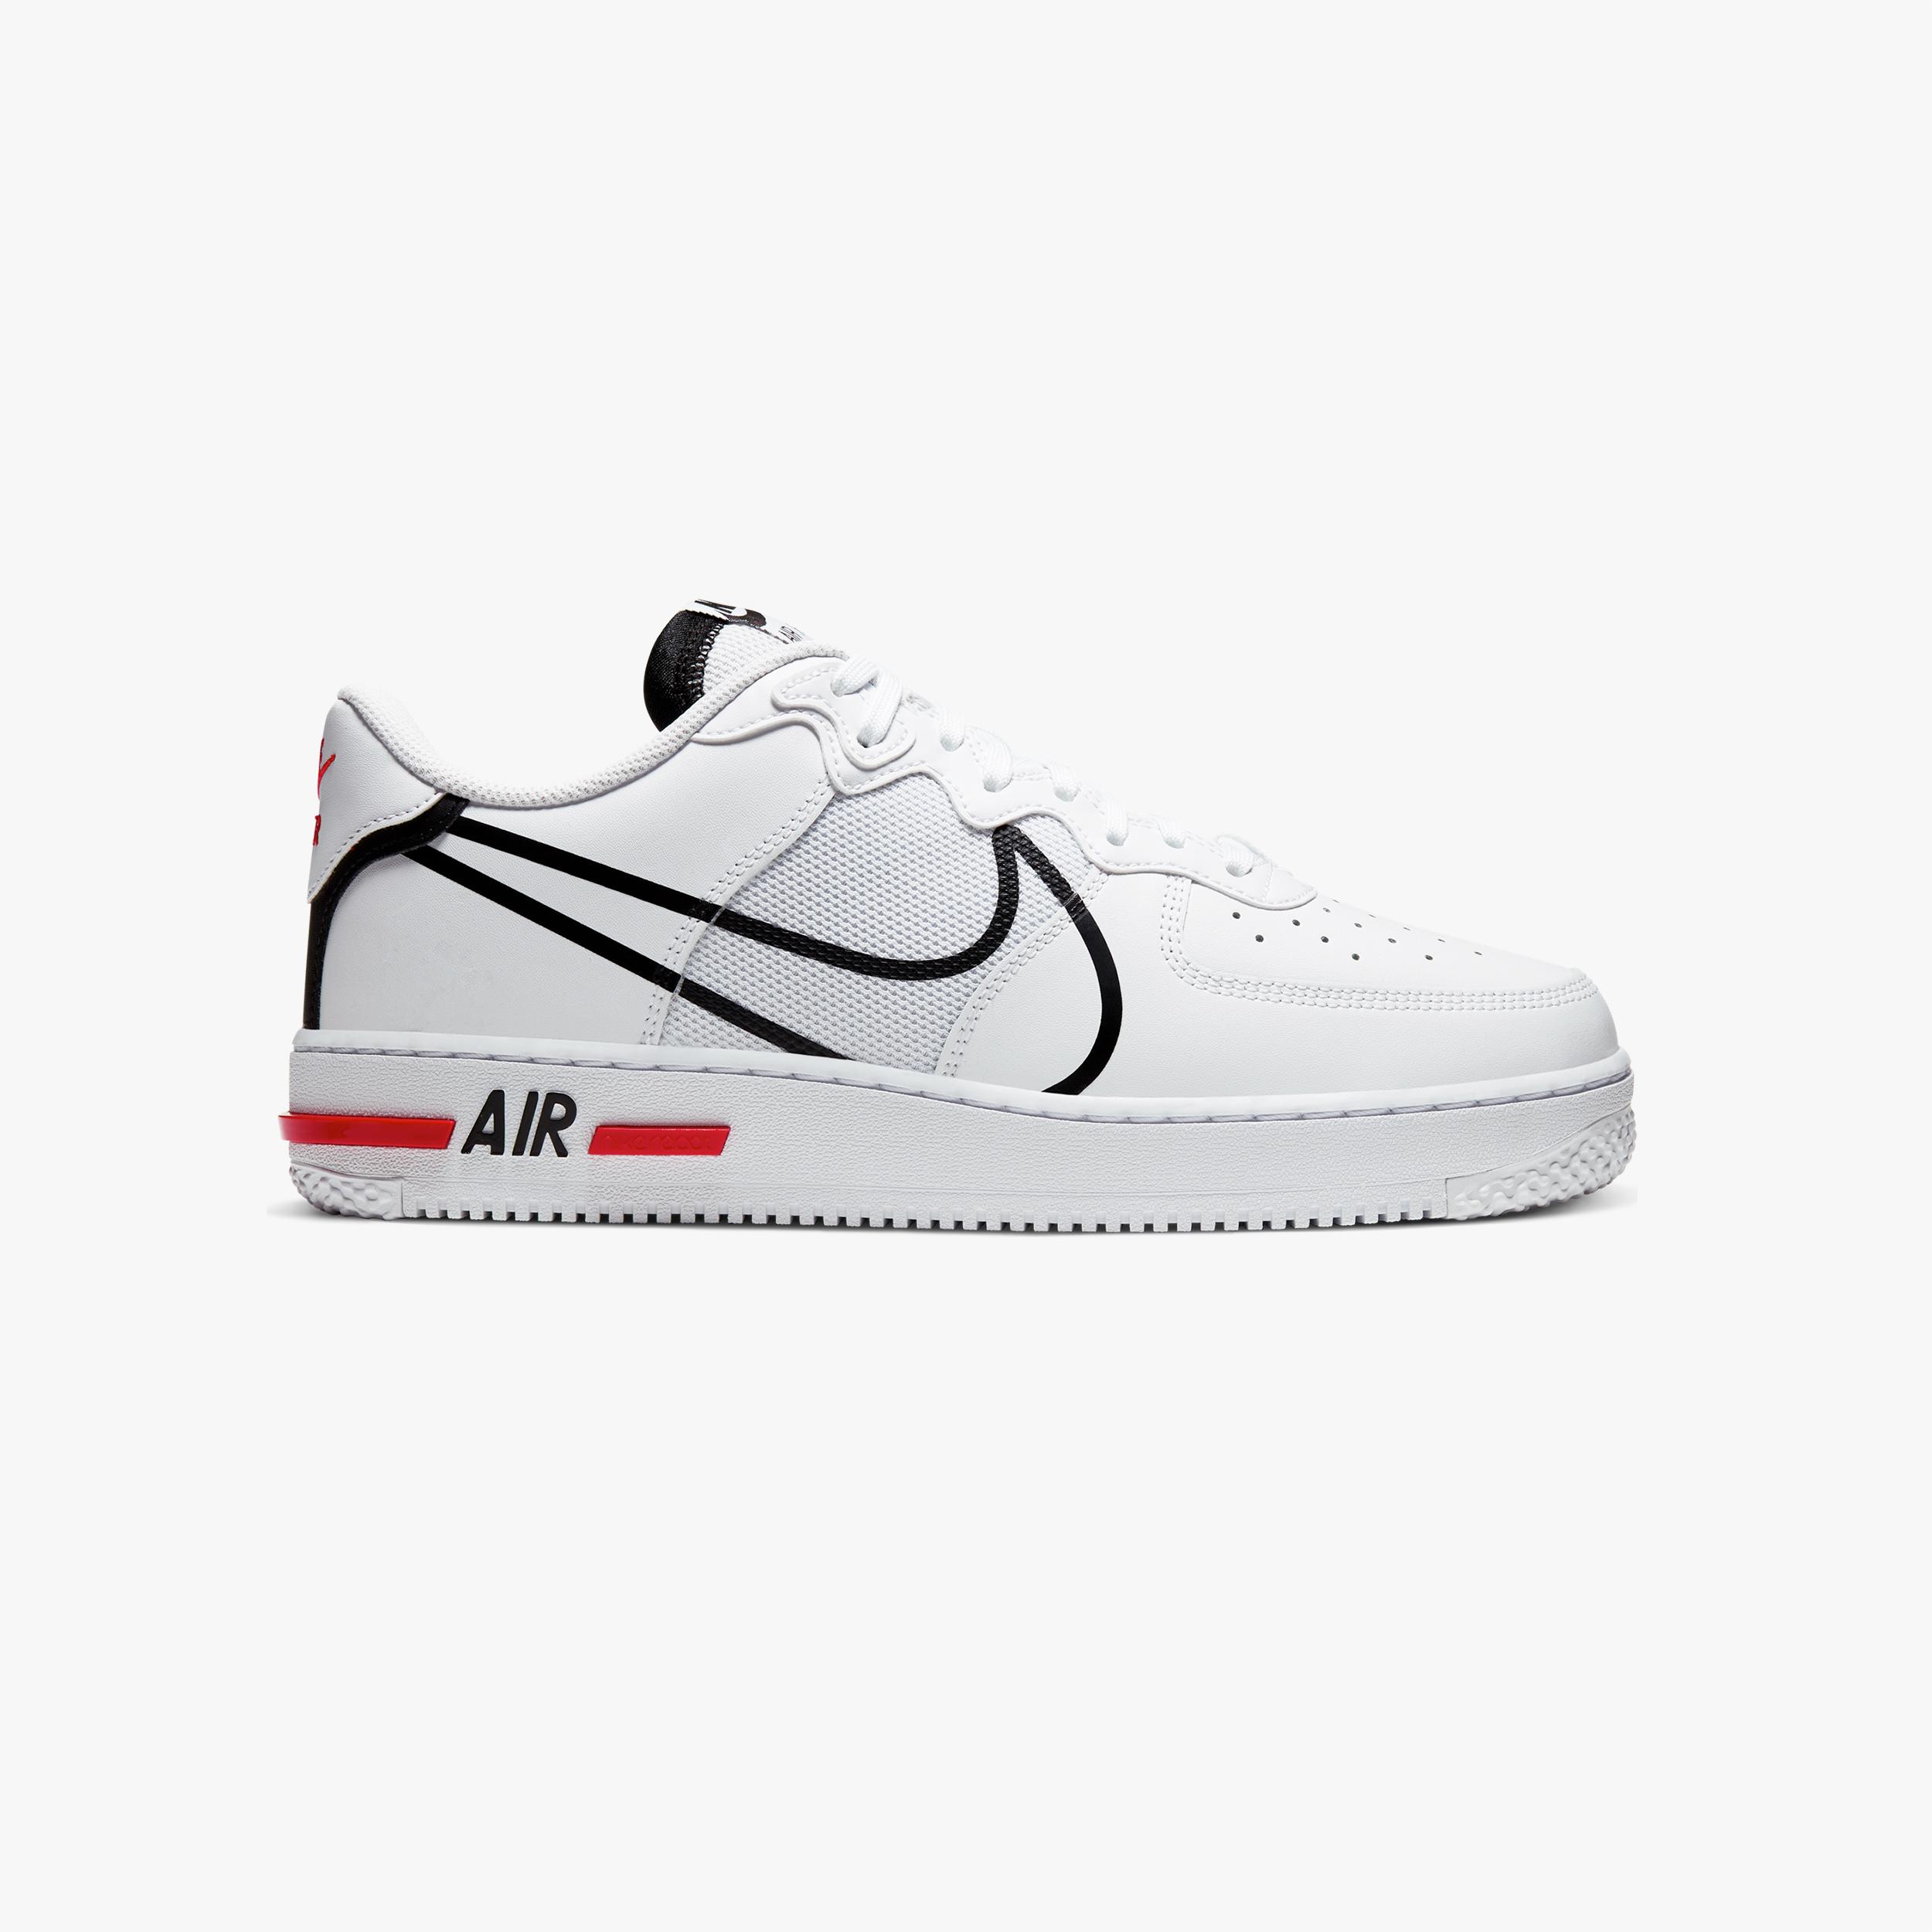 Nike Air Force 1 React - Cd4366-100 - SNS | sneakers & streetwear ...